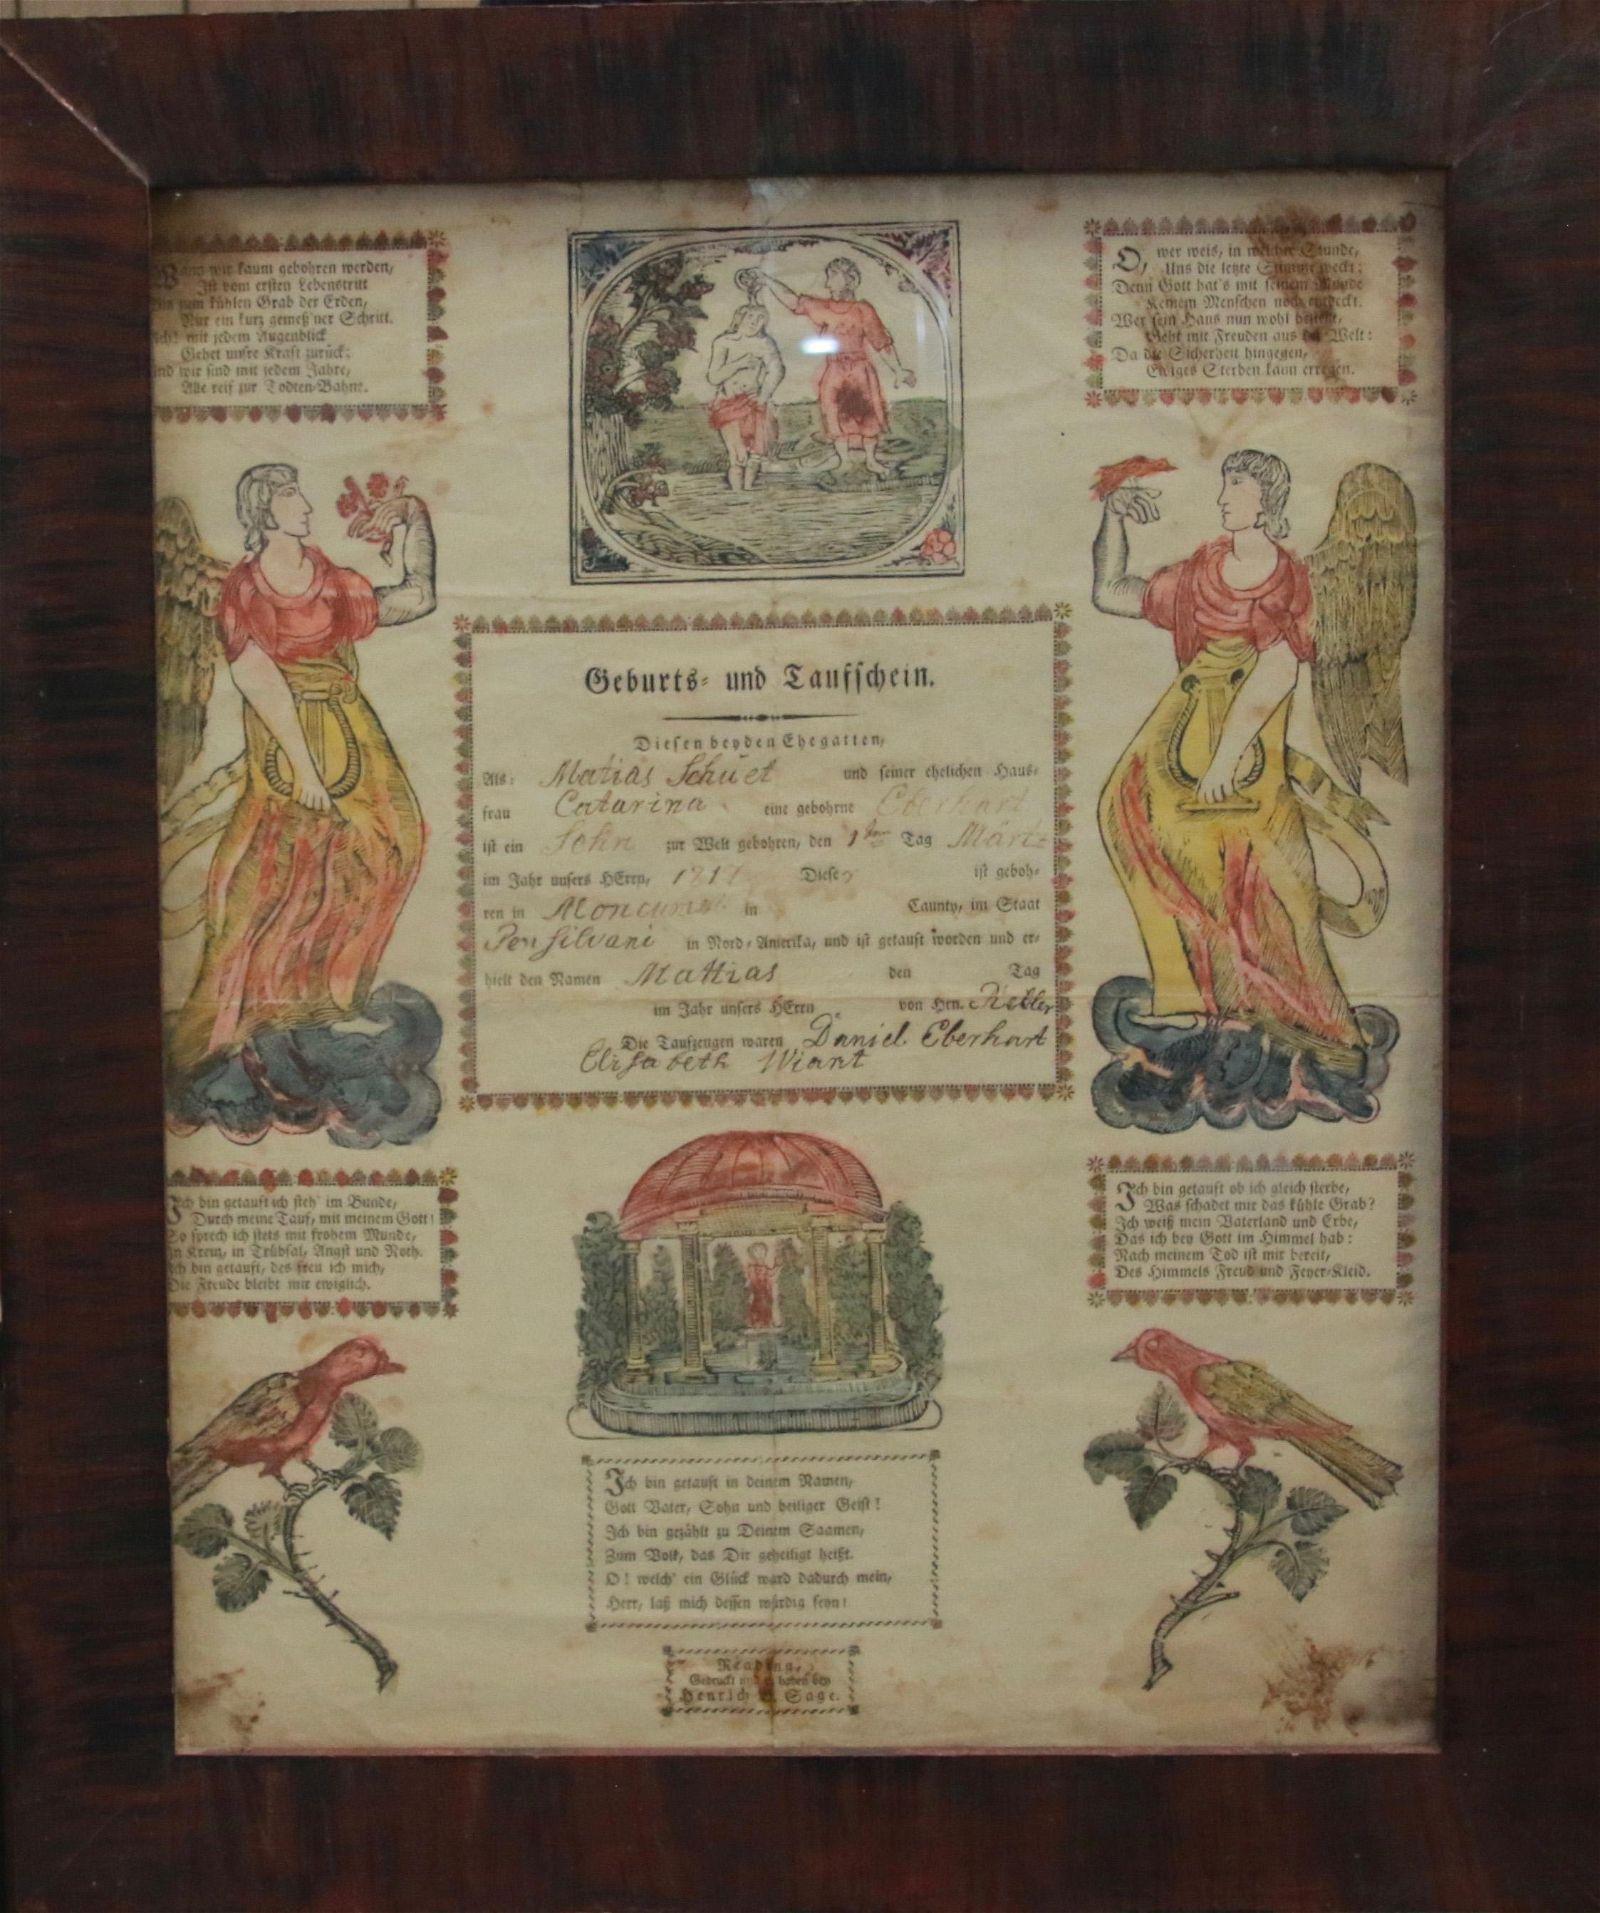 19TH CENTURY PRINTED TAUFSCHEIN